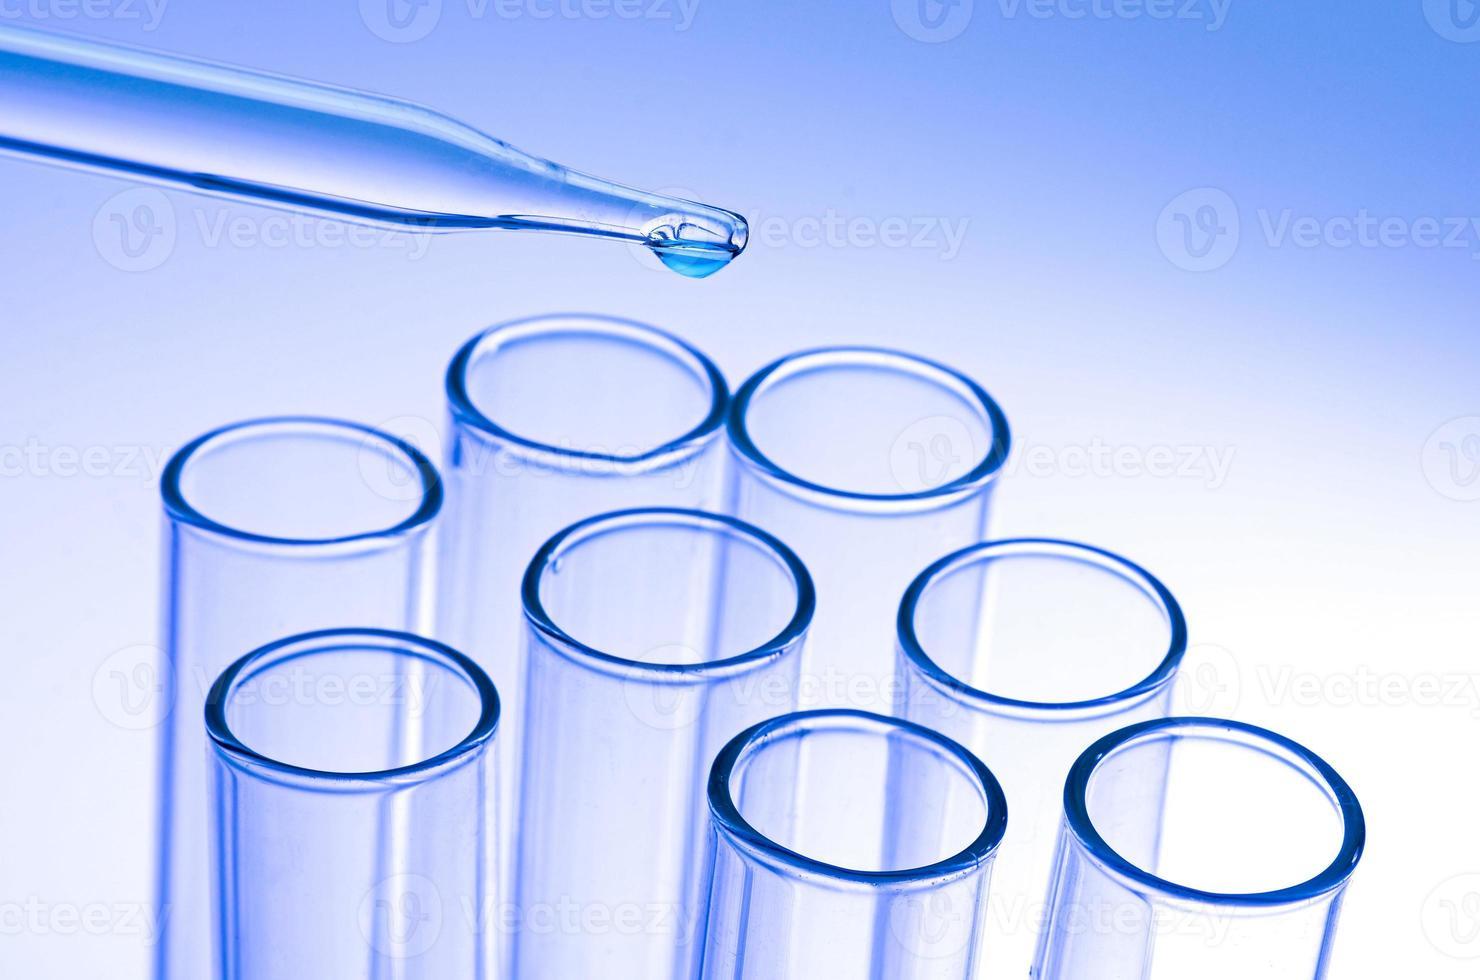 tubos de ensaio de laboratório foto